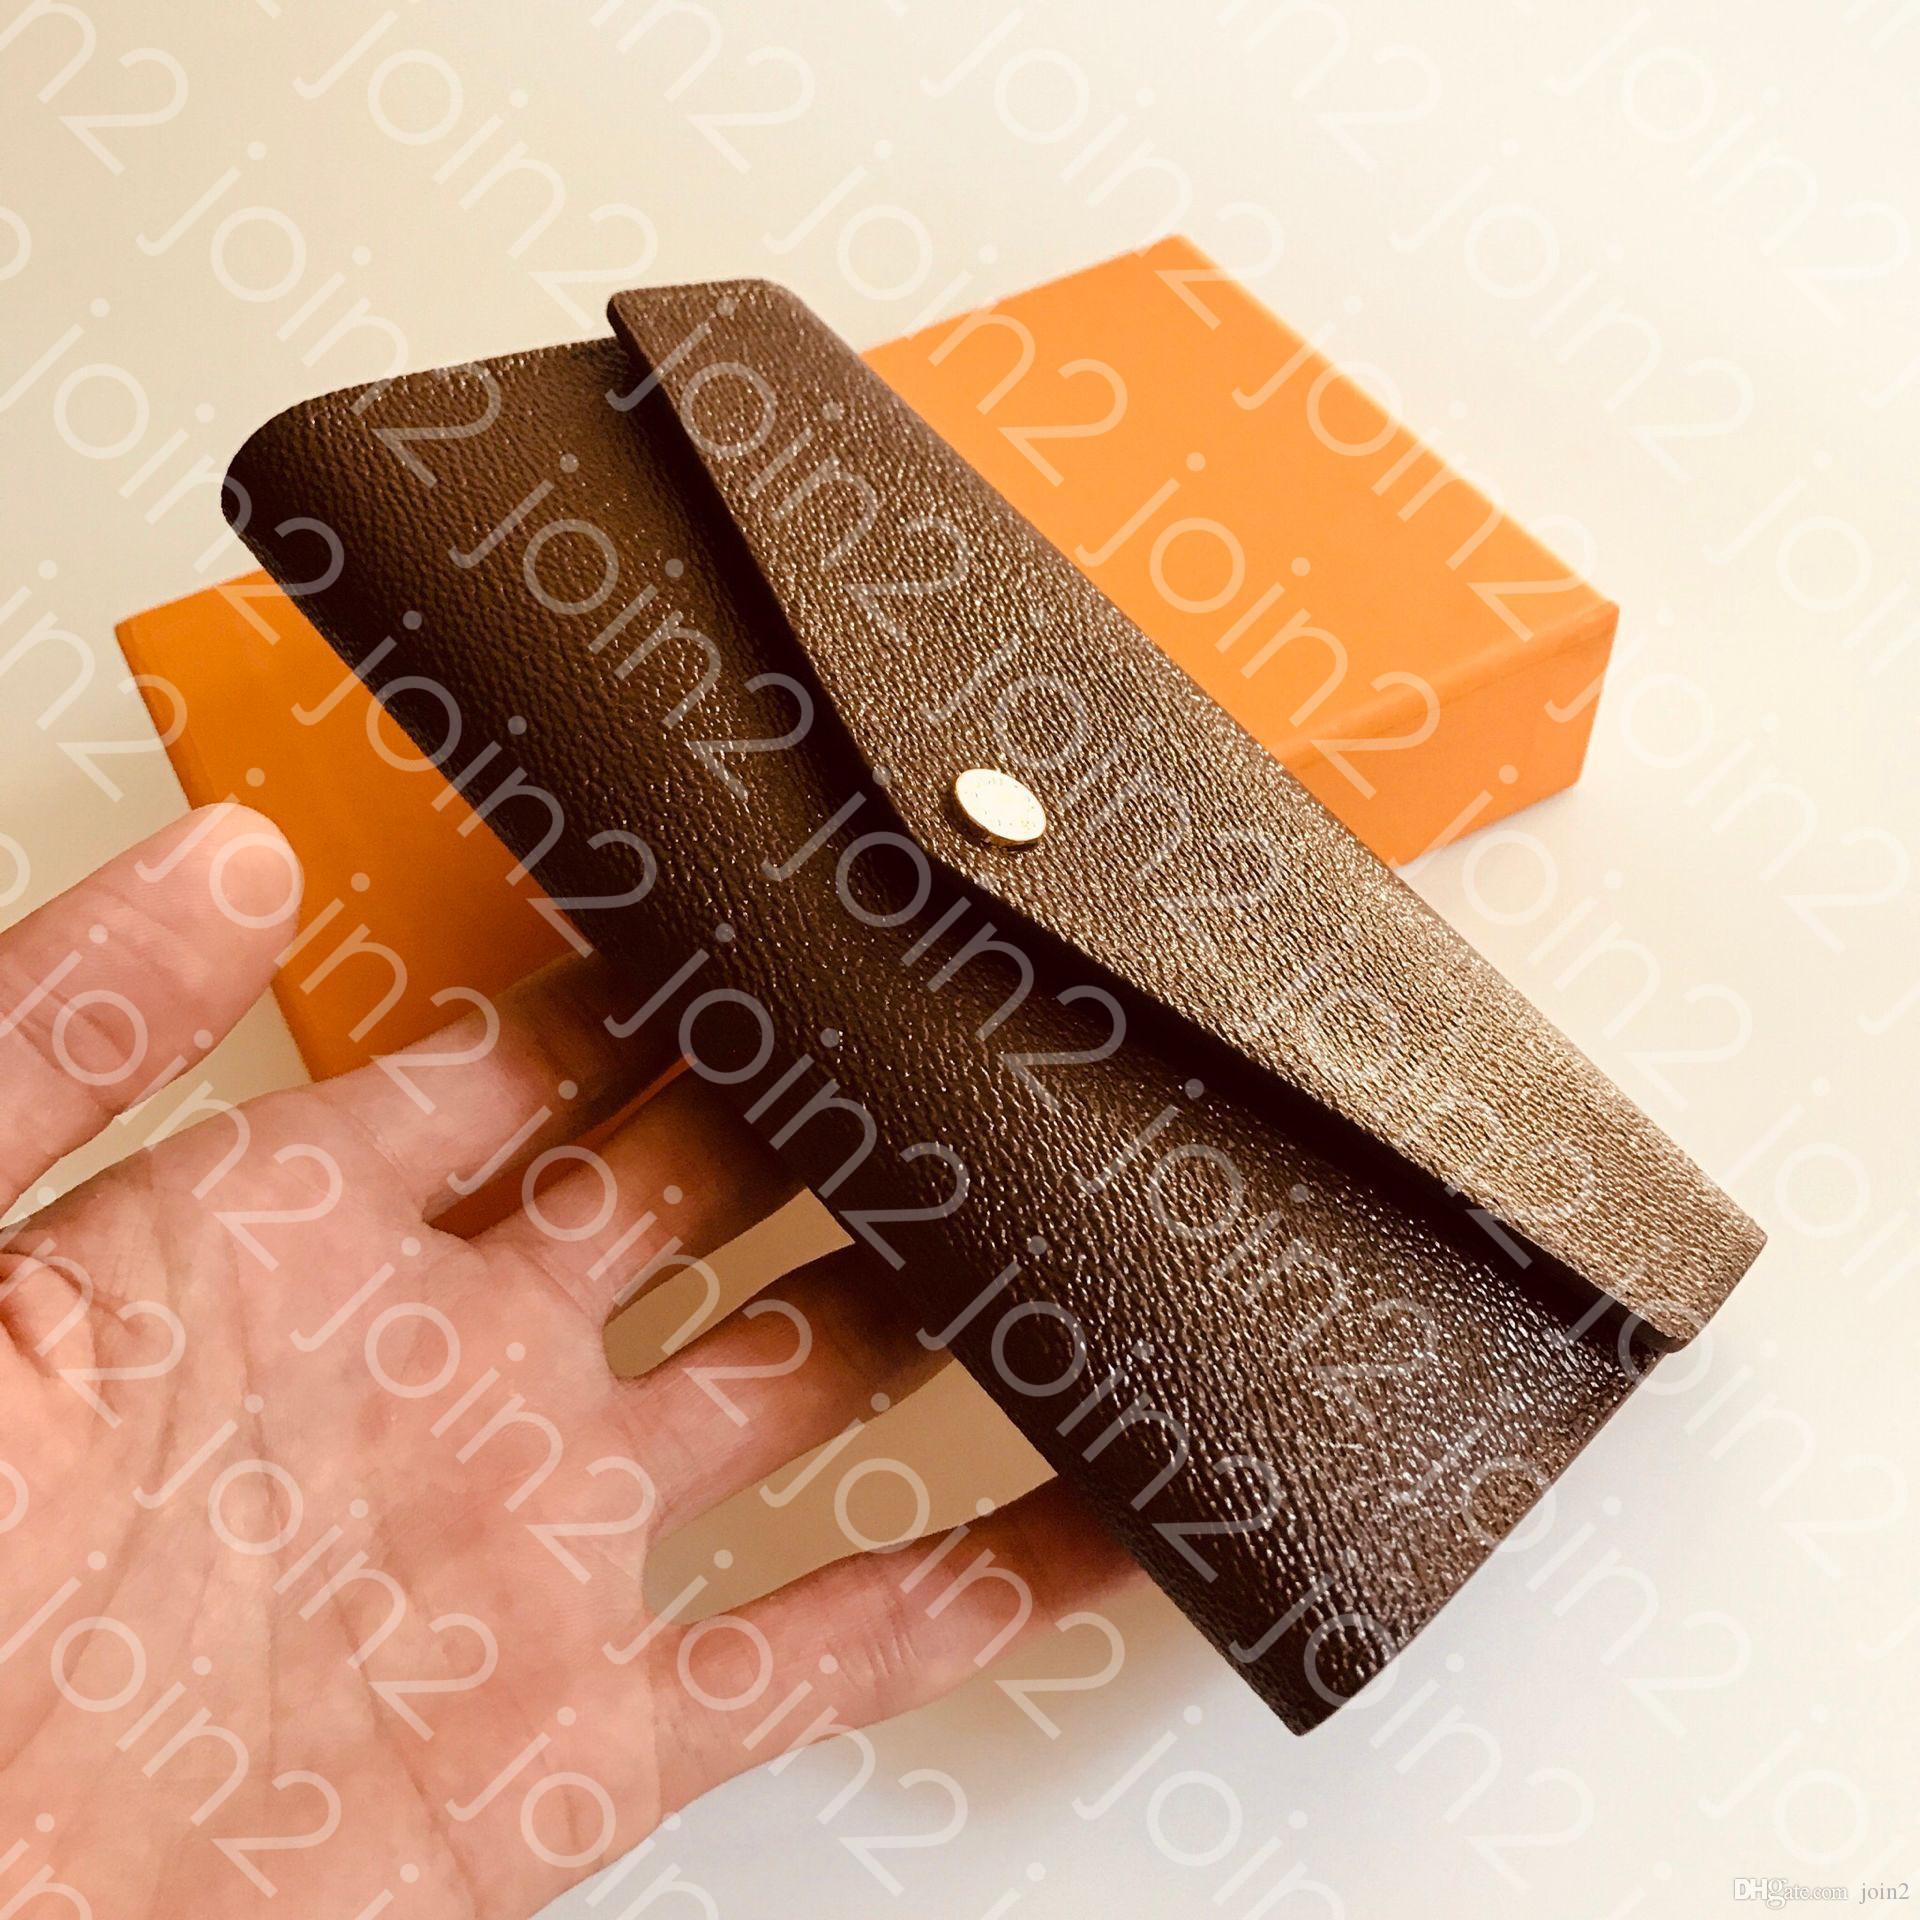 Portafoglio Portefeuille Sarah. Portafoglio del portafoglio del portafoglio del portafoglio del portafoglio del portafoglio della busta di modo delle donne di alta qualità Iconic Brown Impermeabile Canvas M60531 SAC